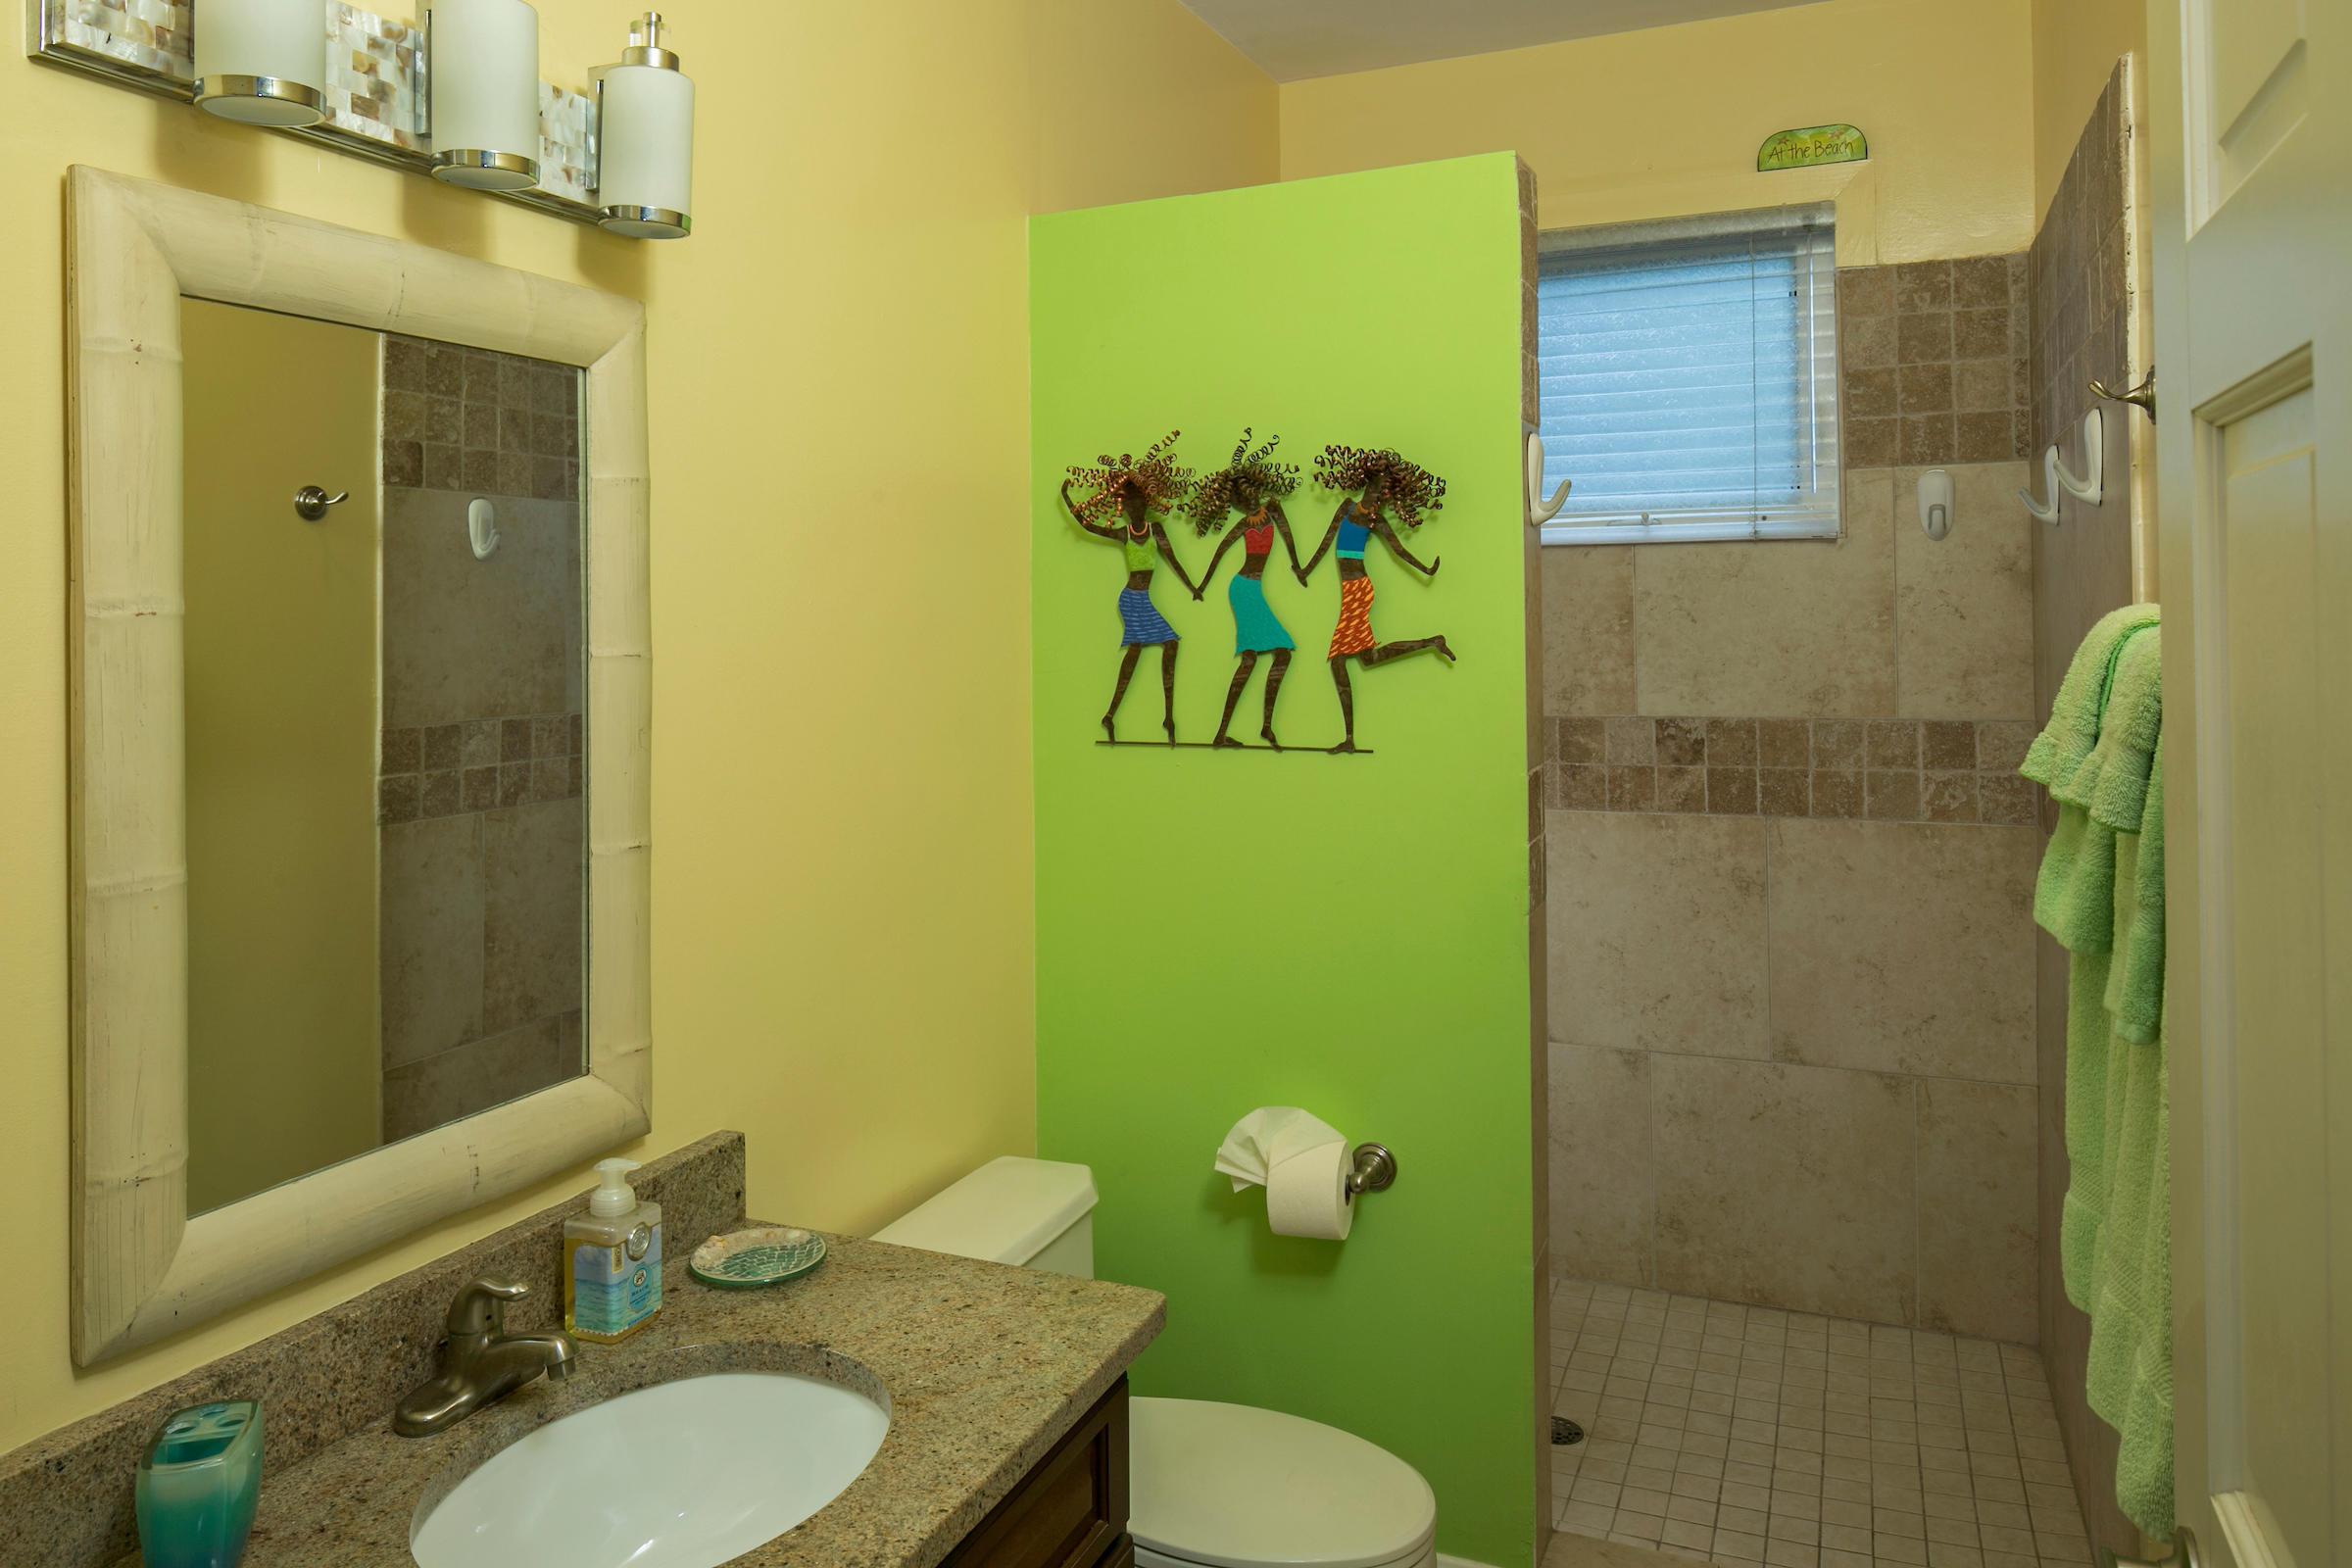 St John, Virgin Islands 00830, 3 Bedrooms Bedrooms, ,3 BathroomsBathrooms,Condo,For Sale,19-333